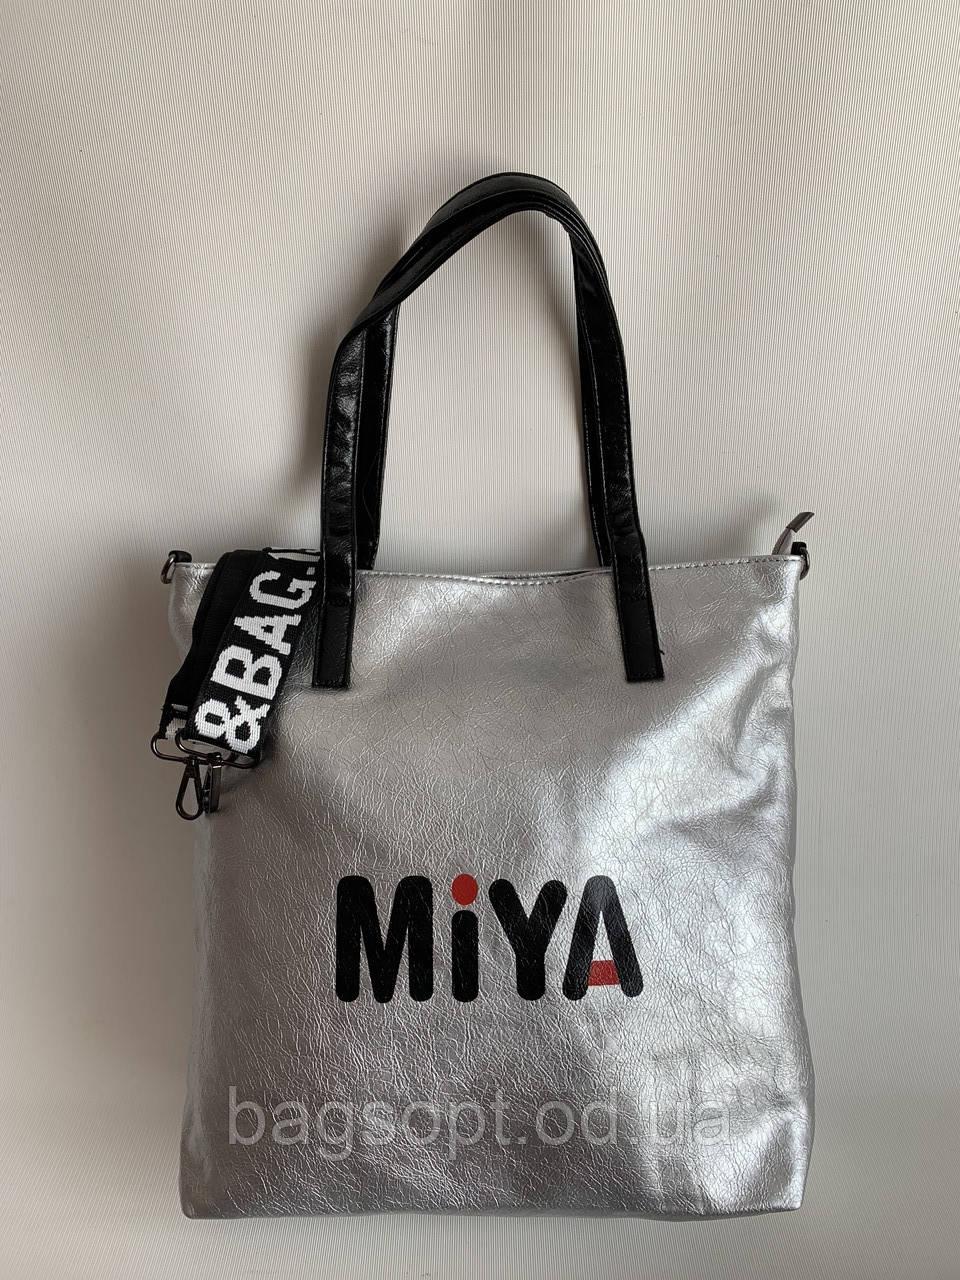 Молодежная сумка шоппер повседневная вместительная серебристая с текстильным плечевым ремнем